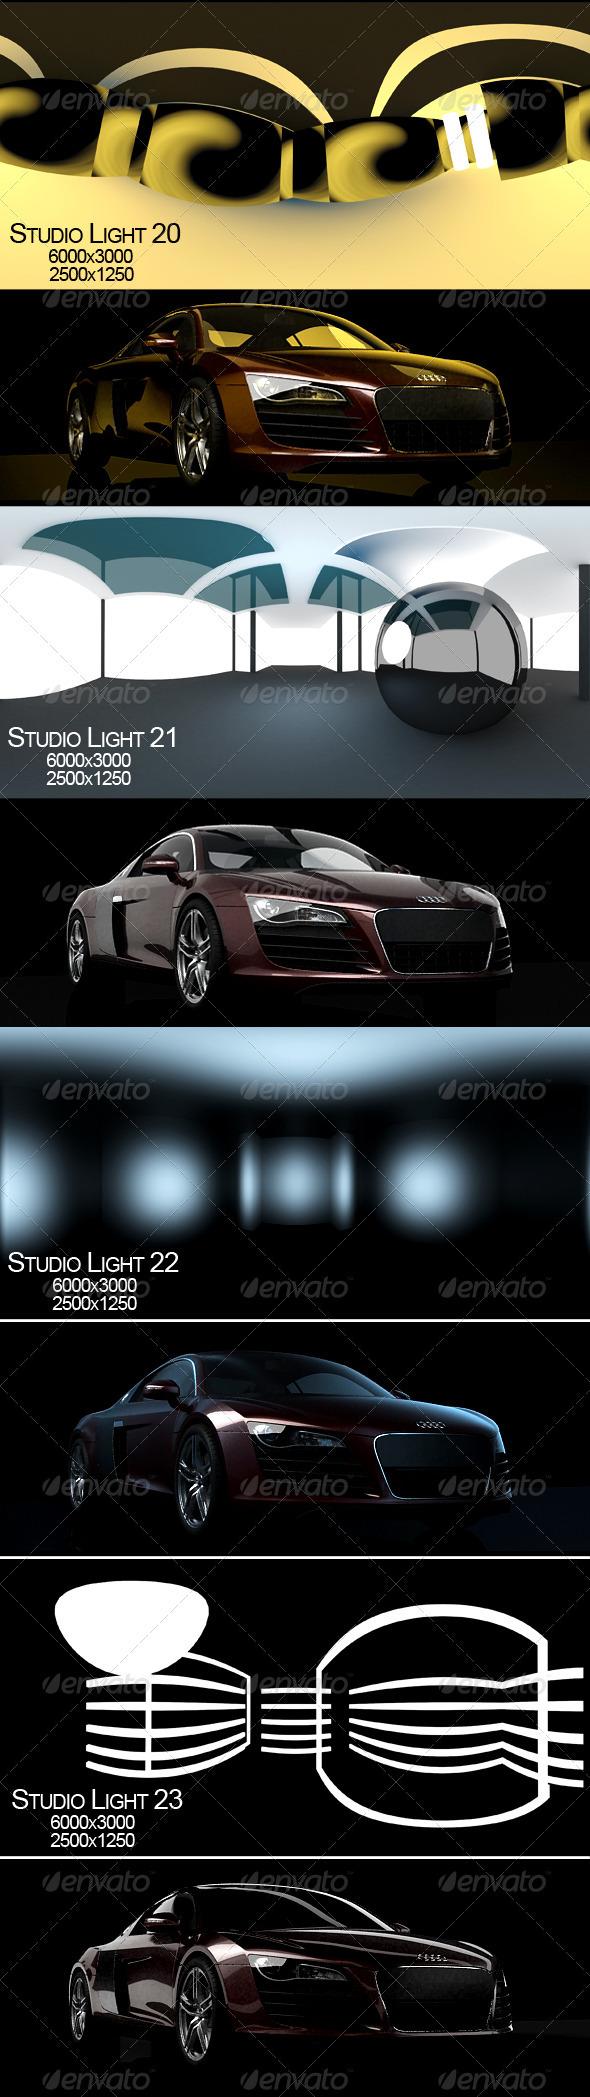 3DOcean Studio light 6 636222